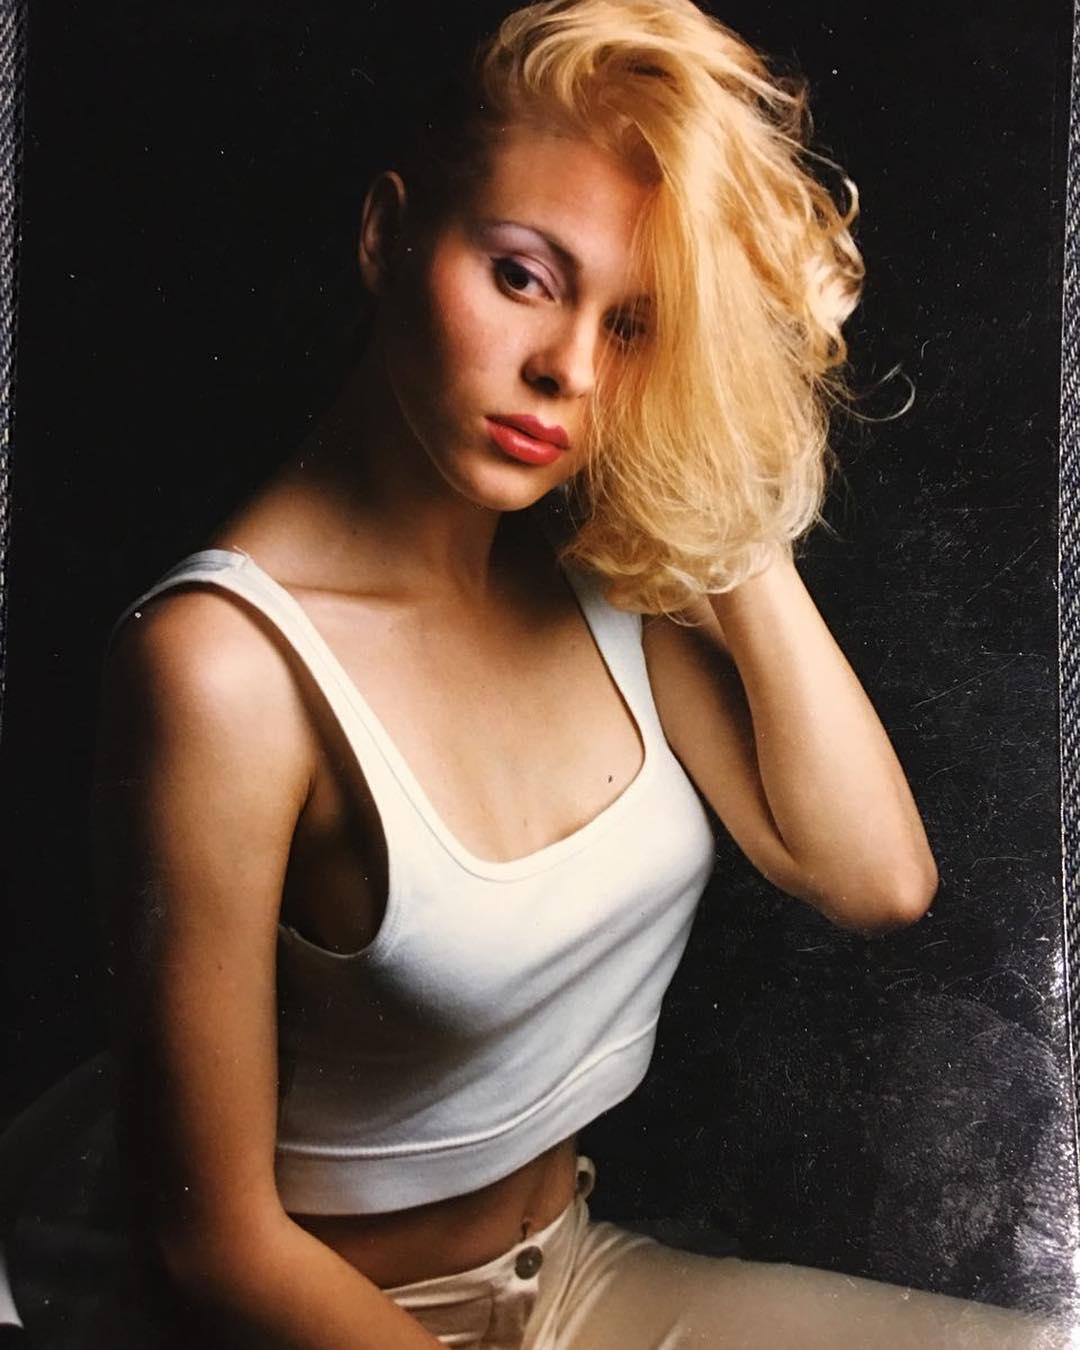 Яна Троянова: #мояжизнь А здесь мне 24, и у меня фотосессия в модельном агенстве. Но я очень смущалась  я вообще была очень стеснительная. Да и сейчас   Мне кажется, или я, правда, тут похожа на Скарлетт Йоханссон? ? #янатроянова #скарлеттйоханссон #24года